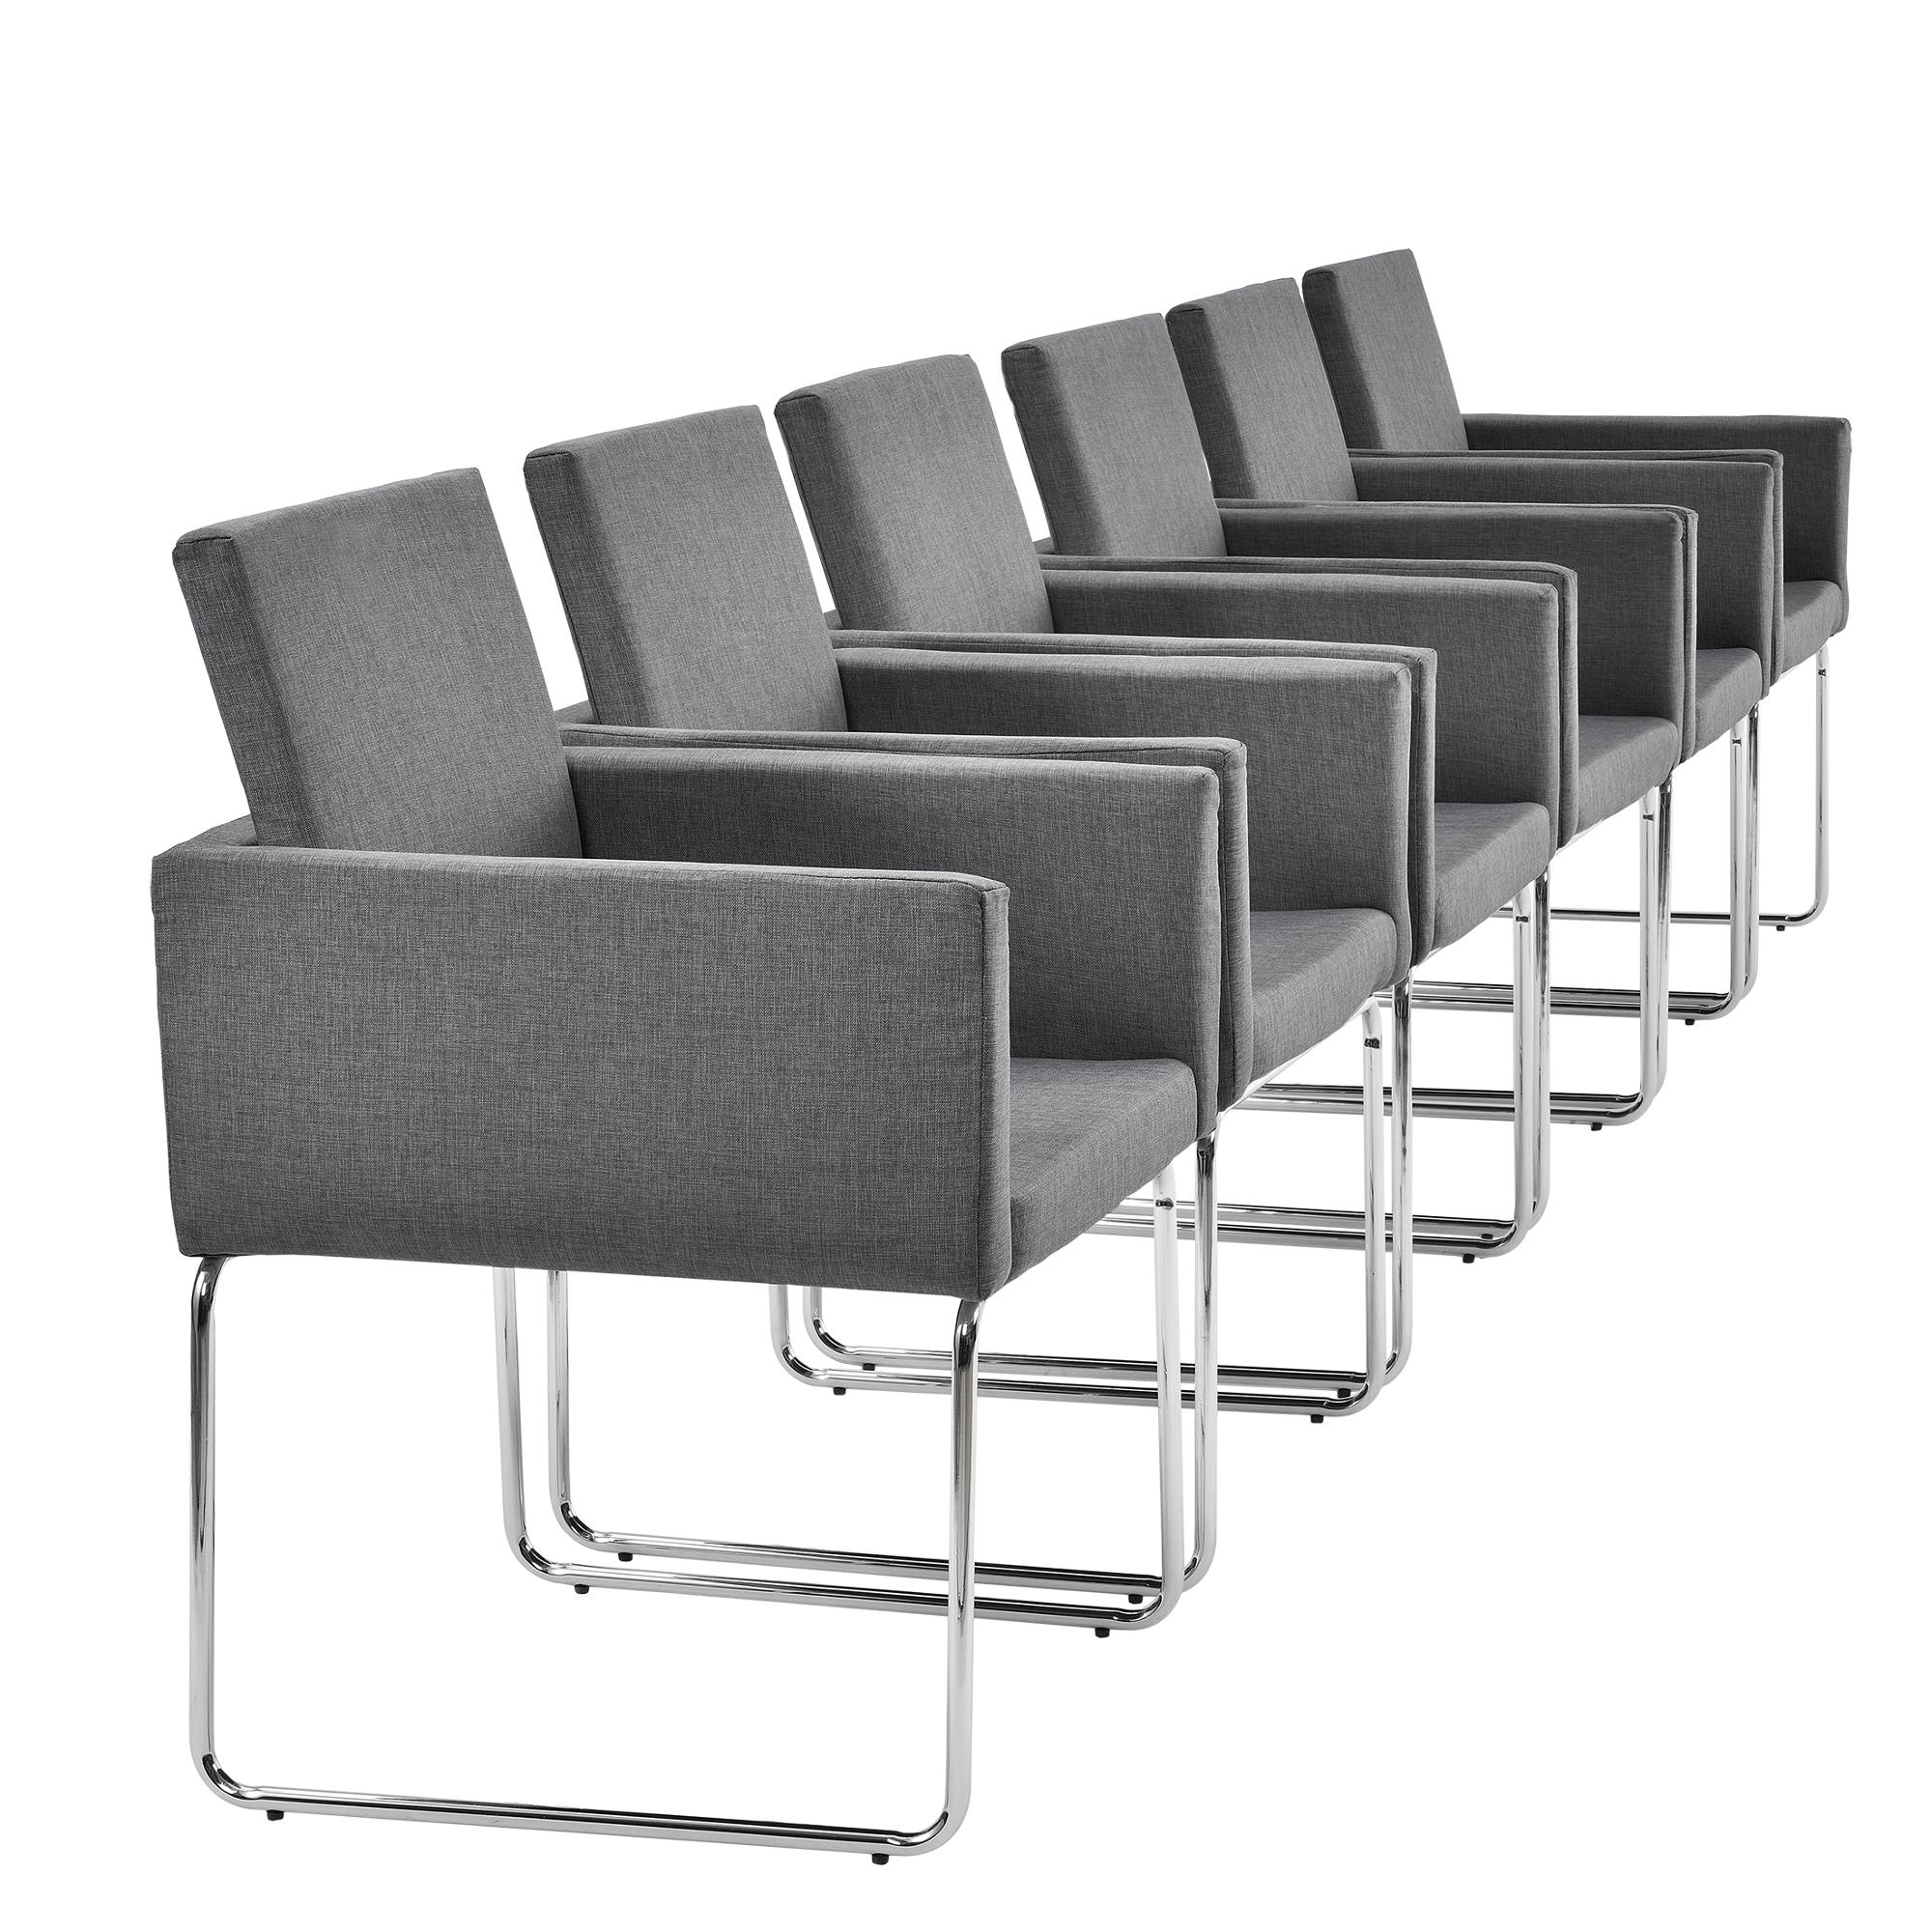 Table de salle manger mit 6 chaises ch ne for Chaise de salle a manger en chene